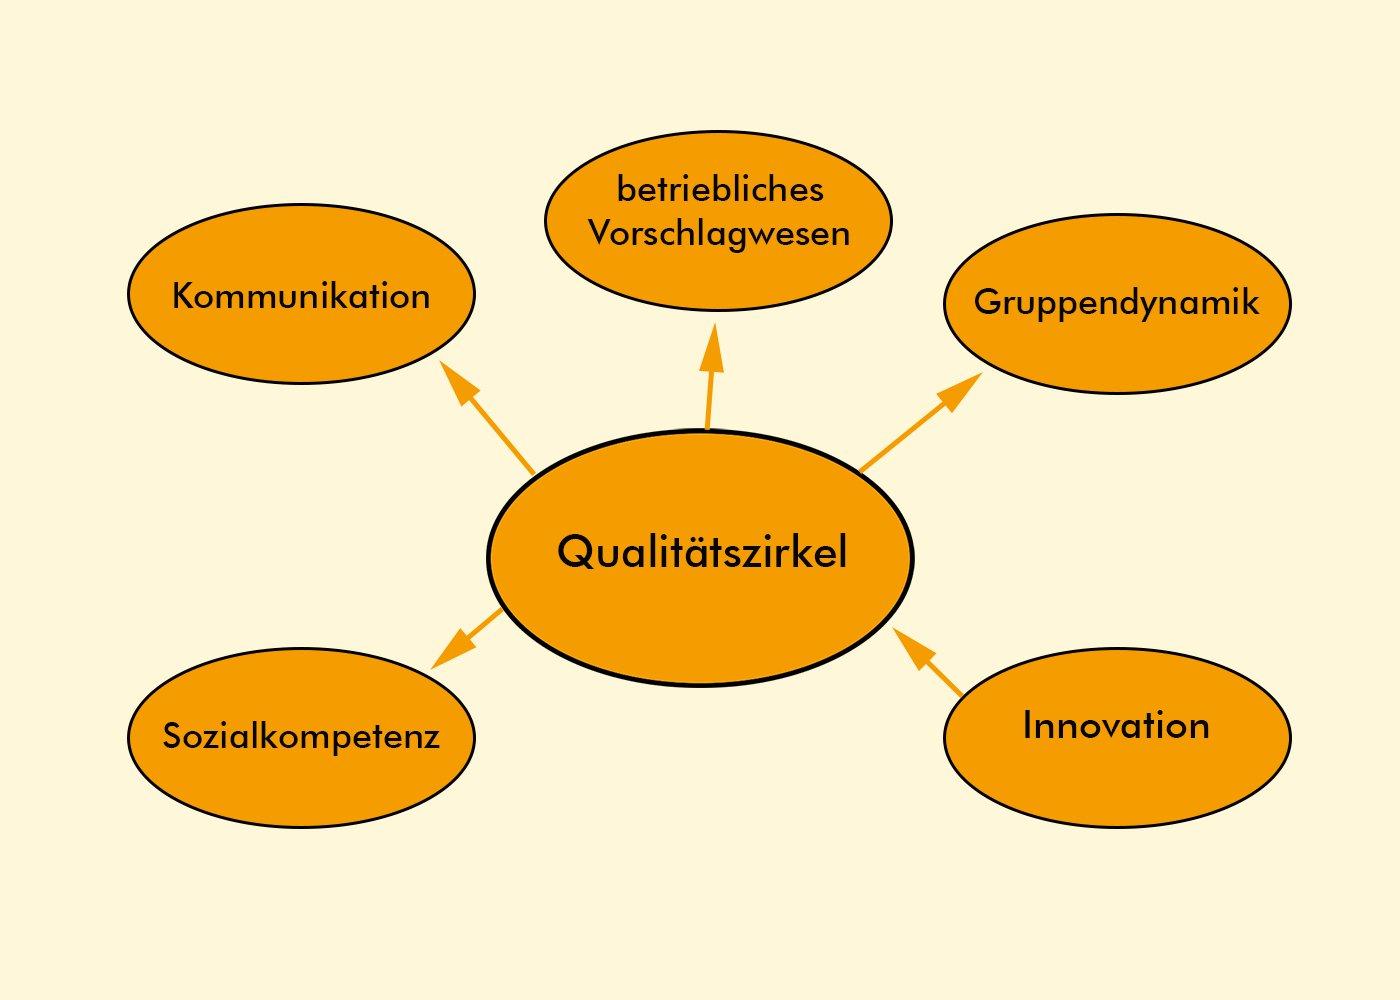 Der Qualitätszirkel des Qualitätsmanagements: Kommunikation, Sozialkompetenz, Innovation, Gruppendynamik, betriebliches Vorschlagswesen